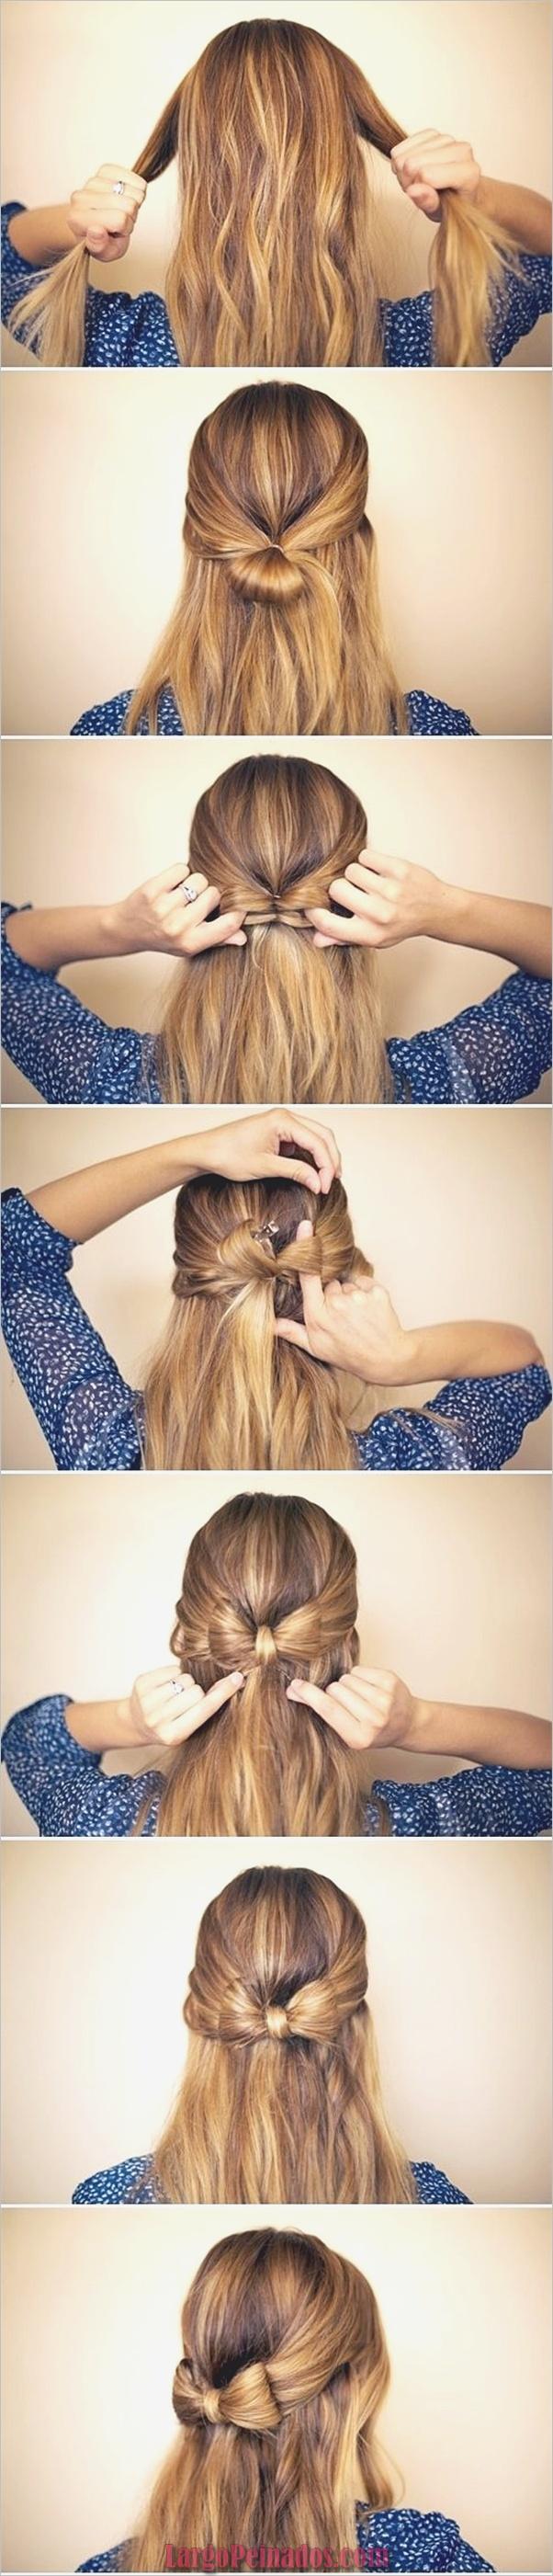 Peinados fáciles paso a paso para cabello largo9